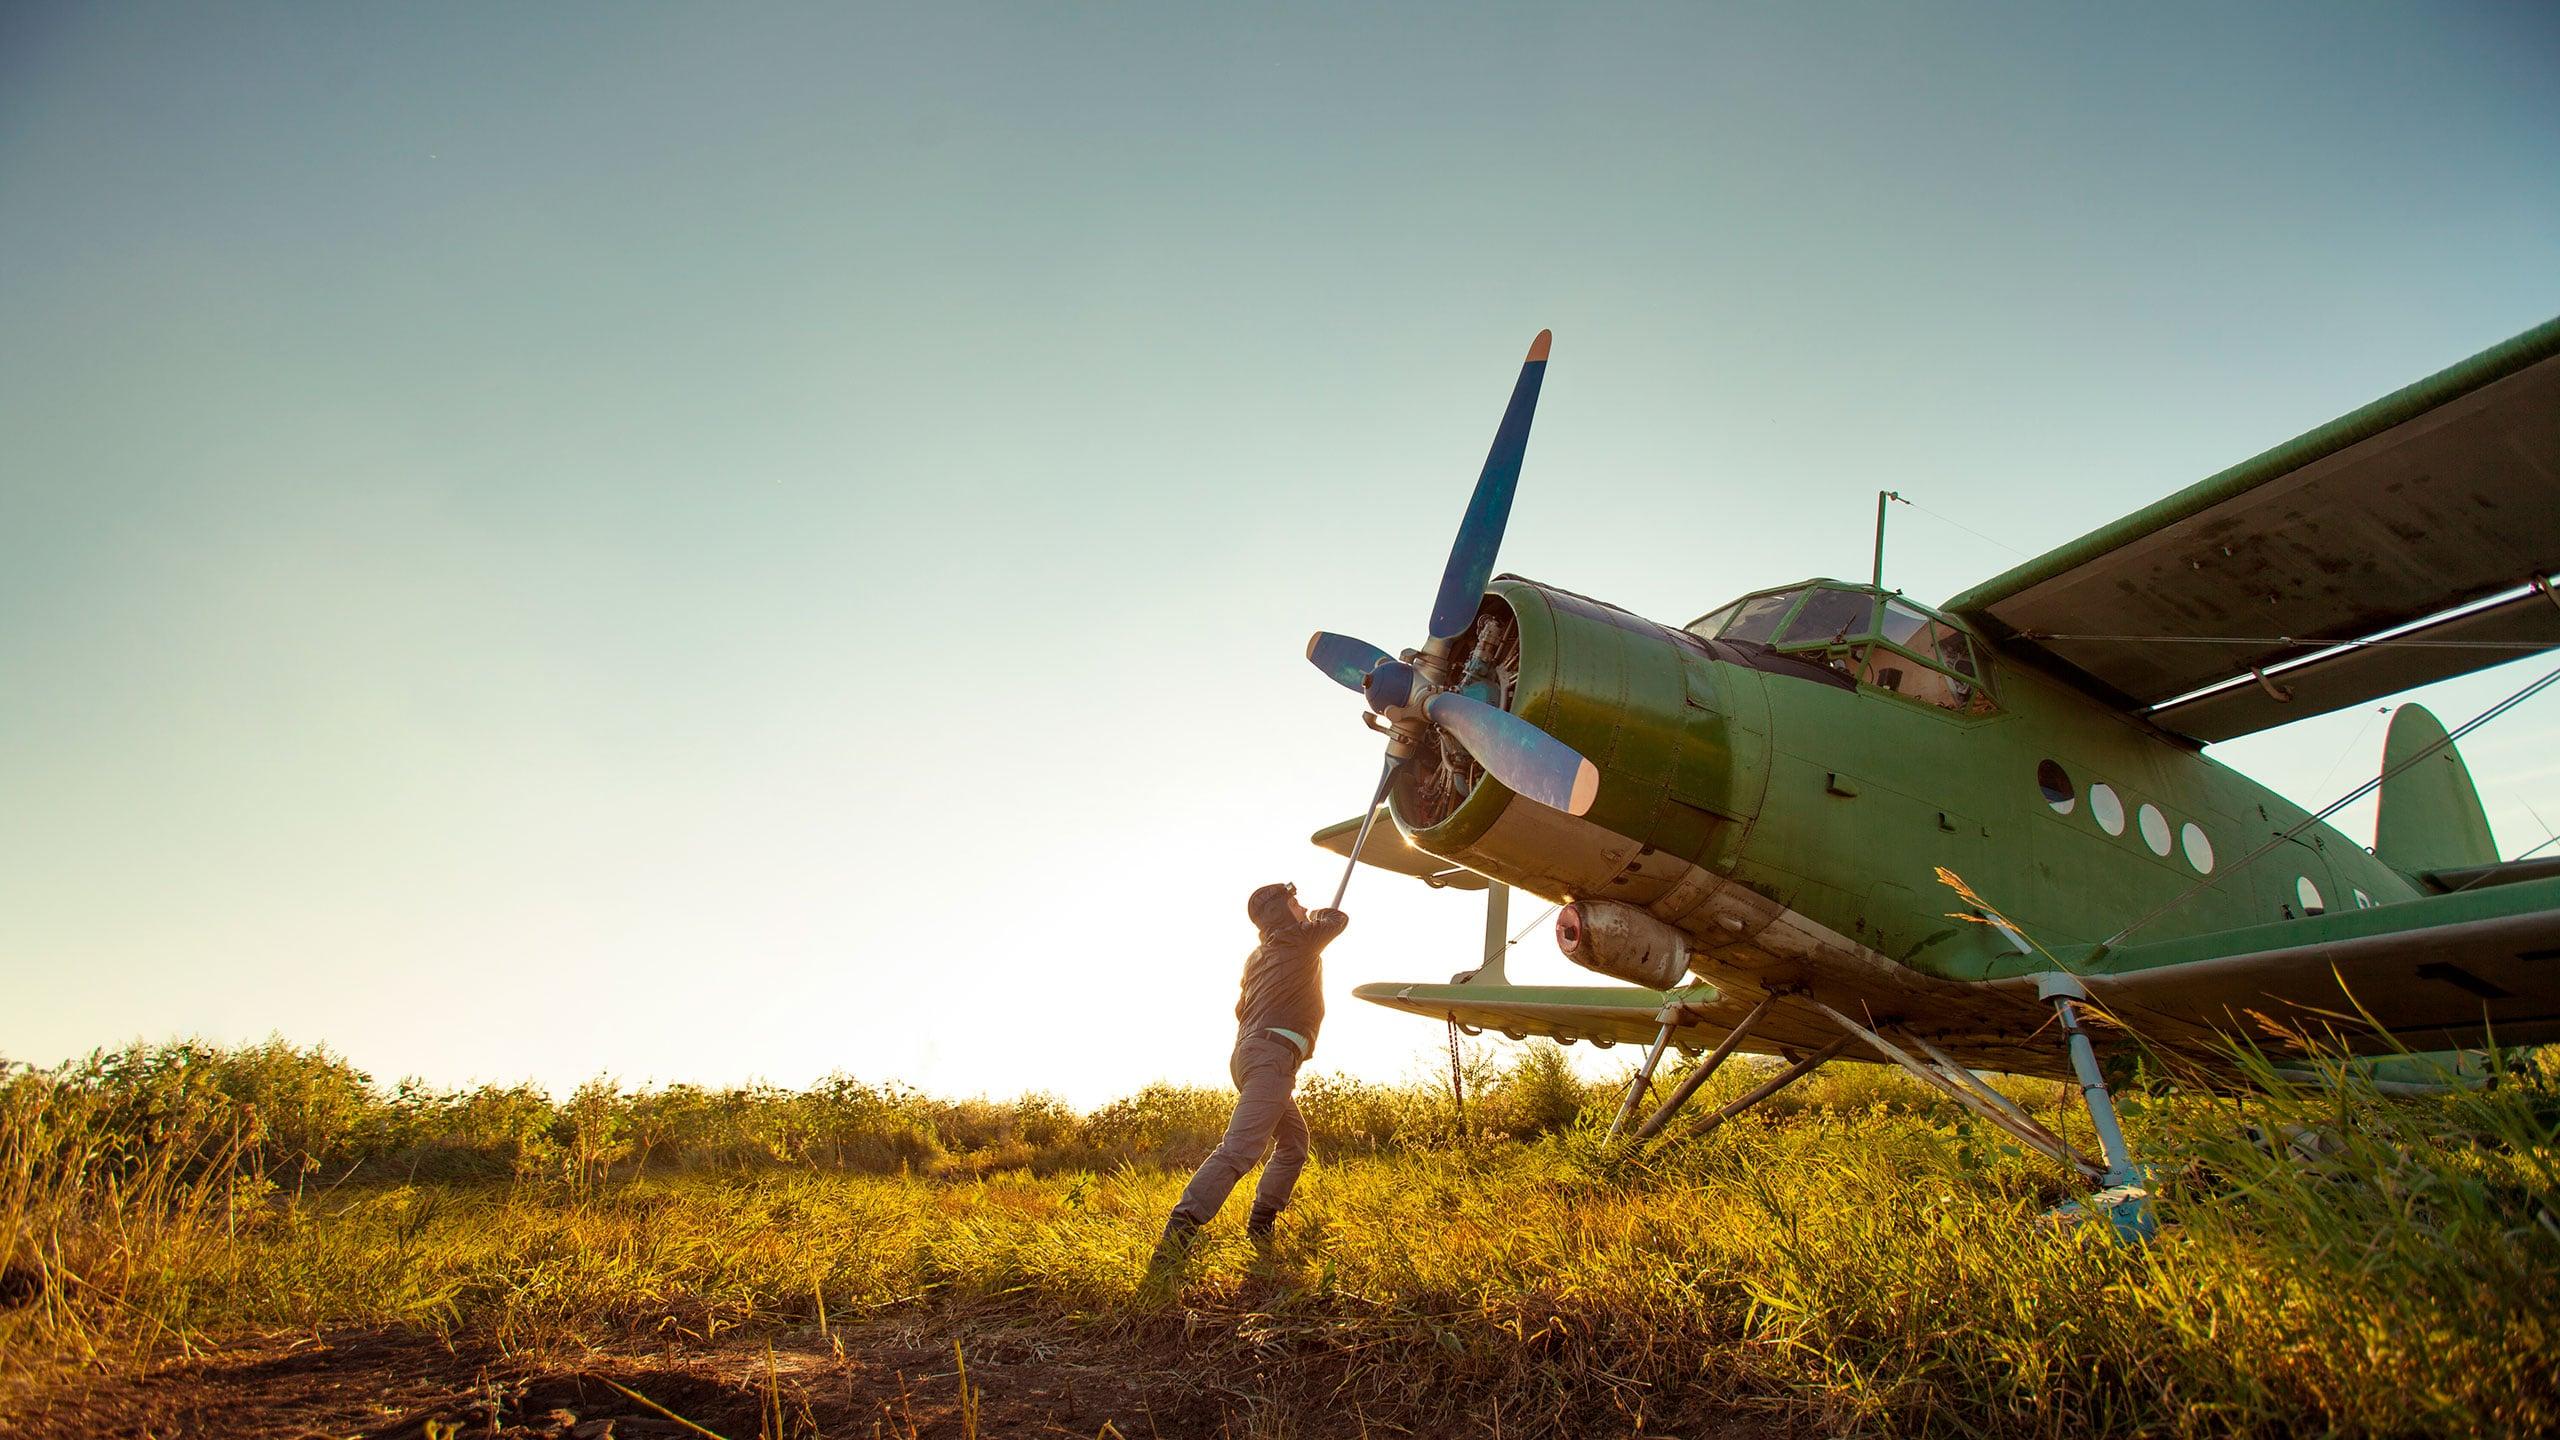 Luchtvaartverzekering